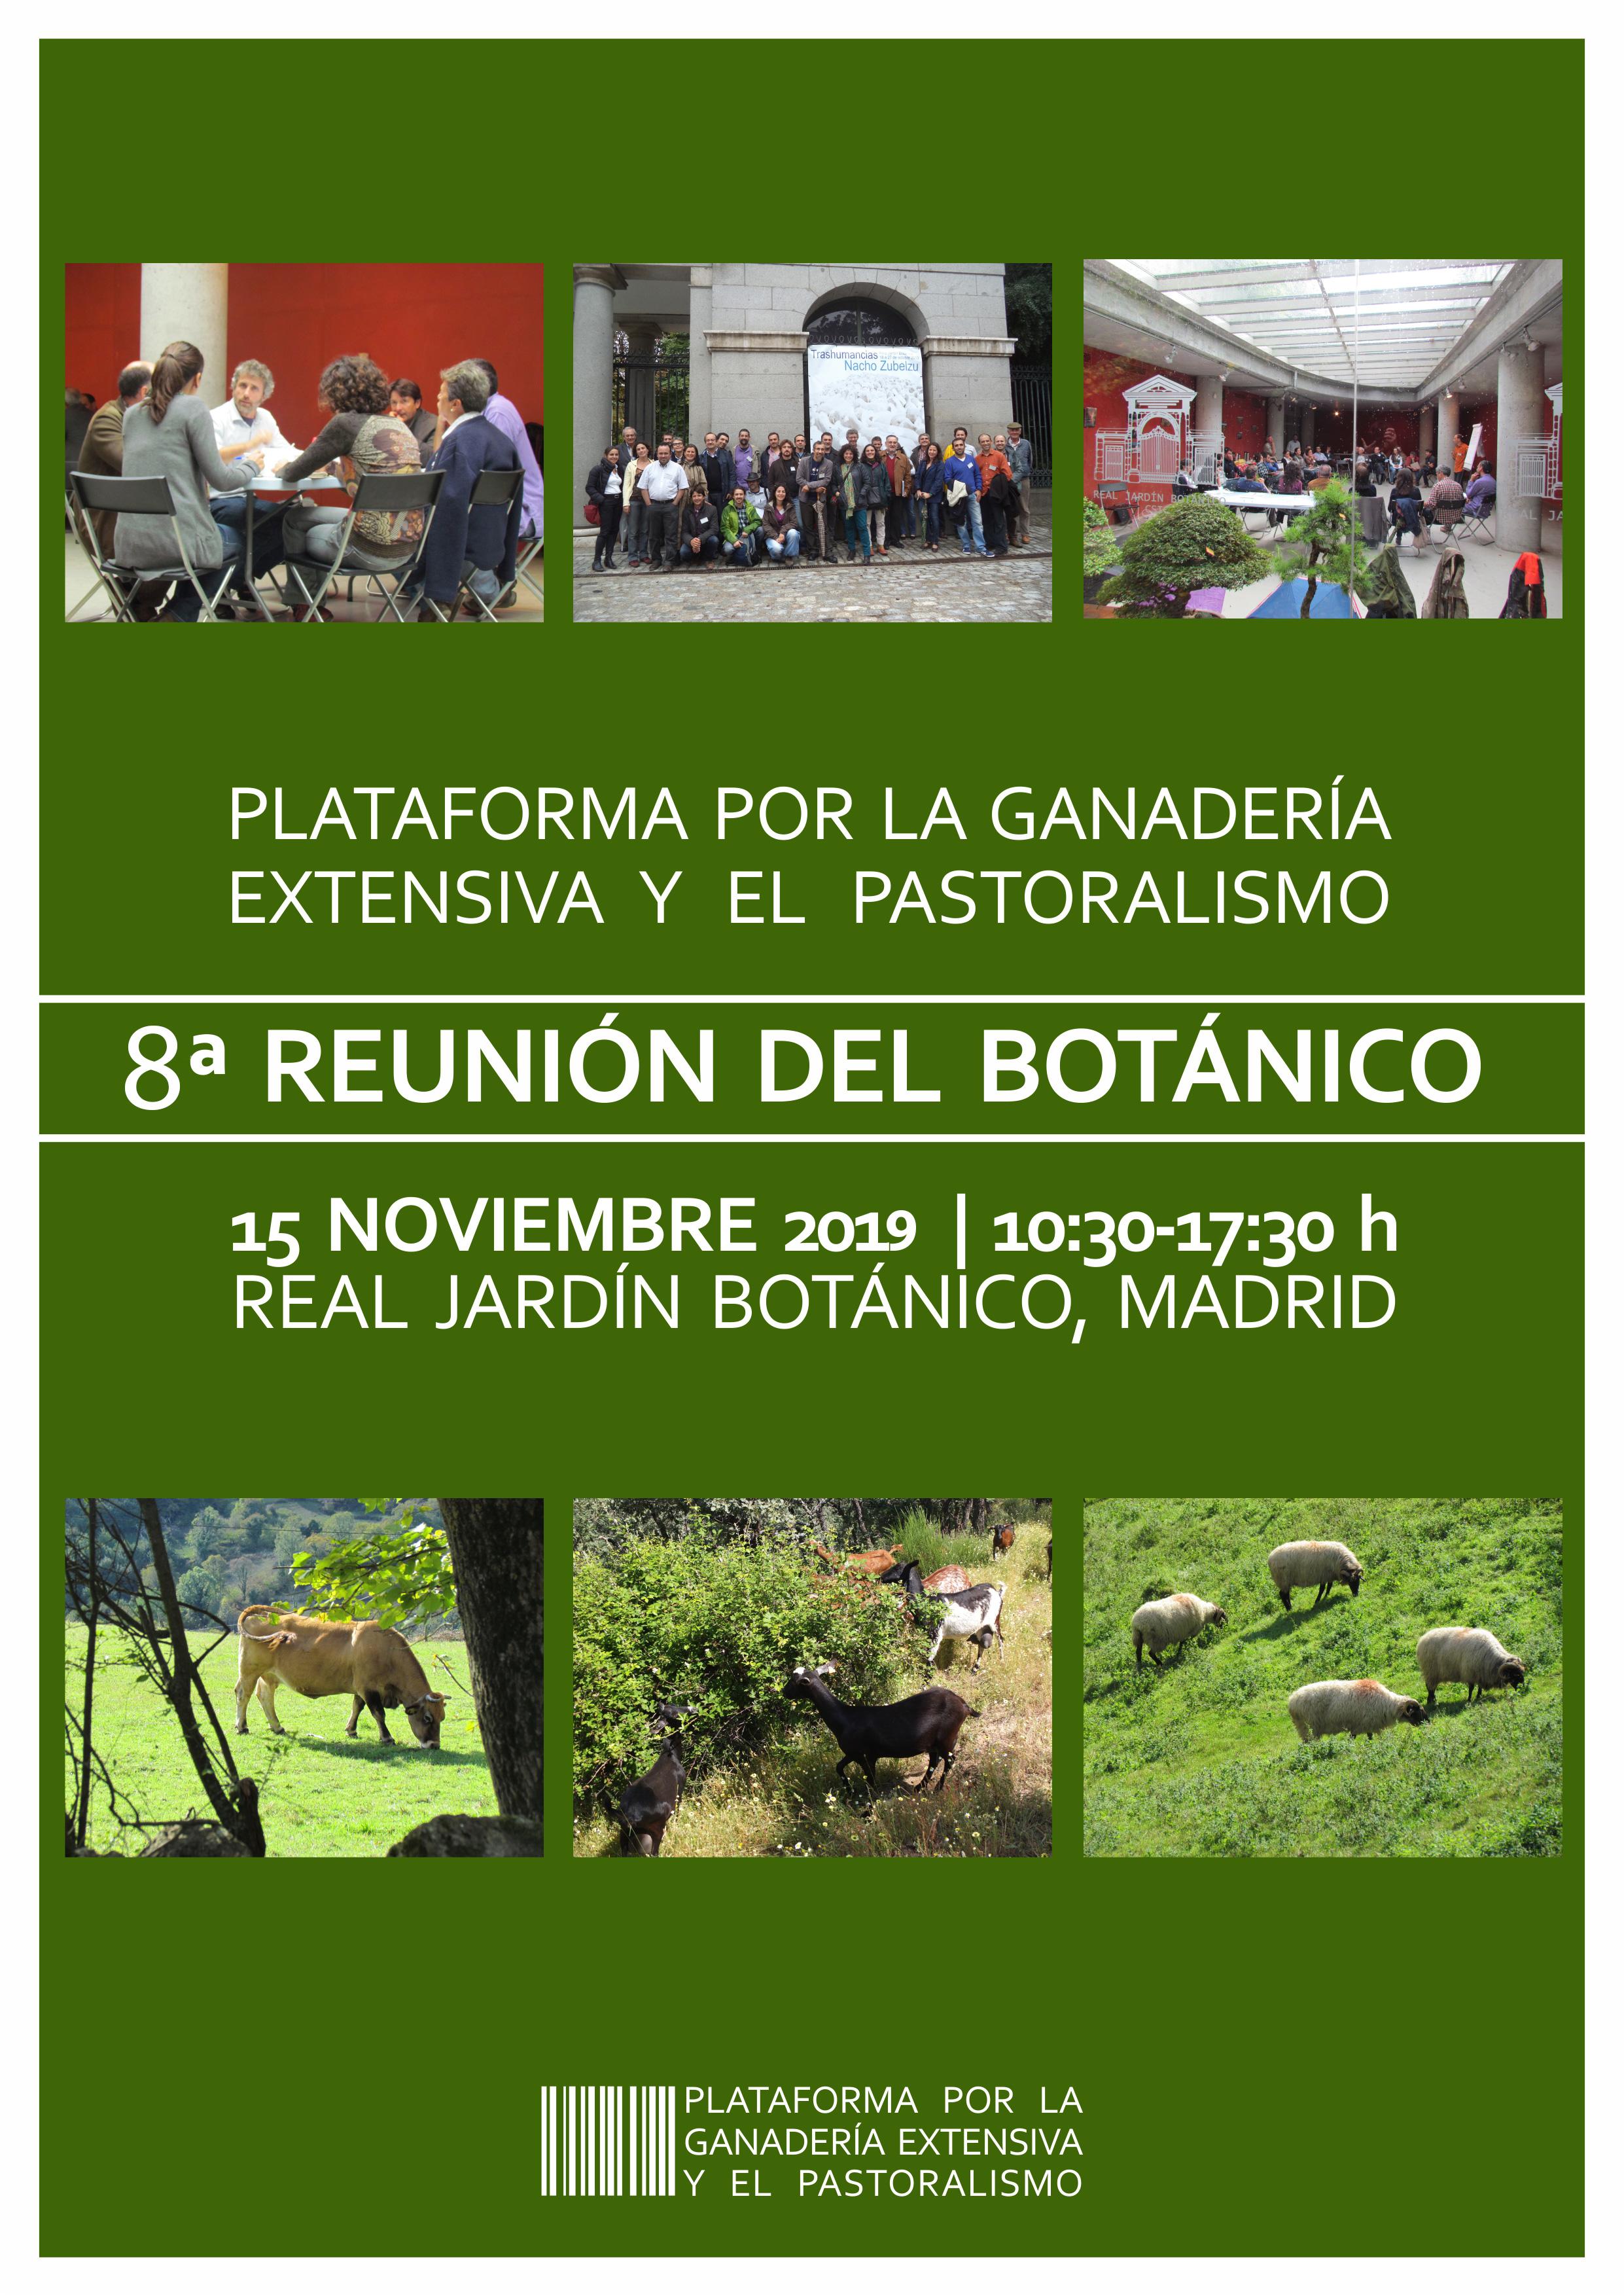 VIII Reunión del botánico